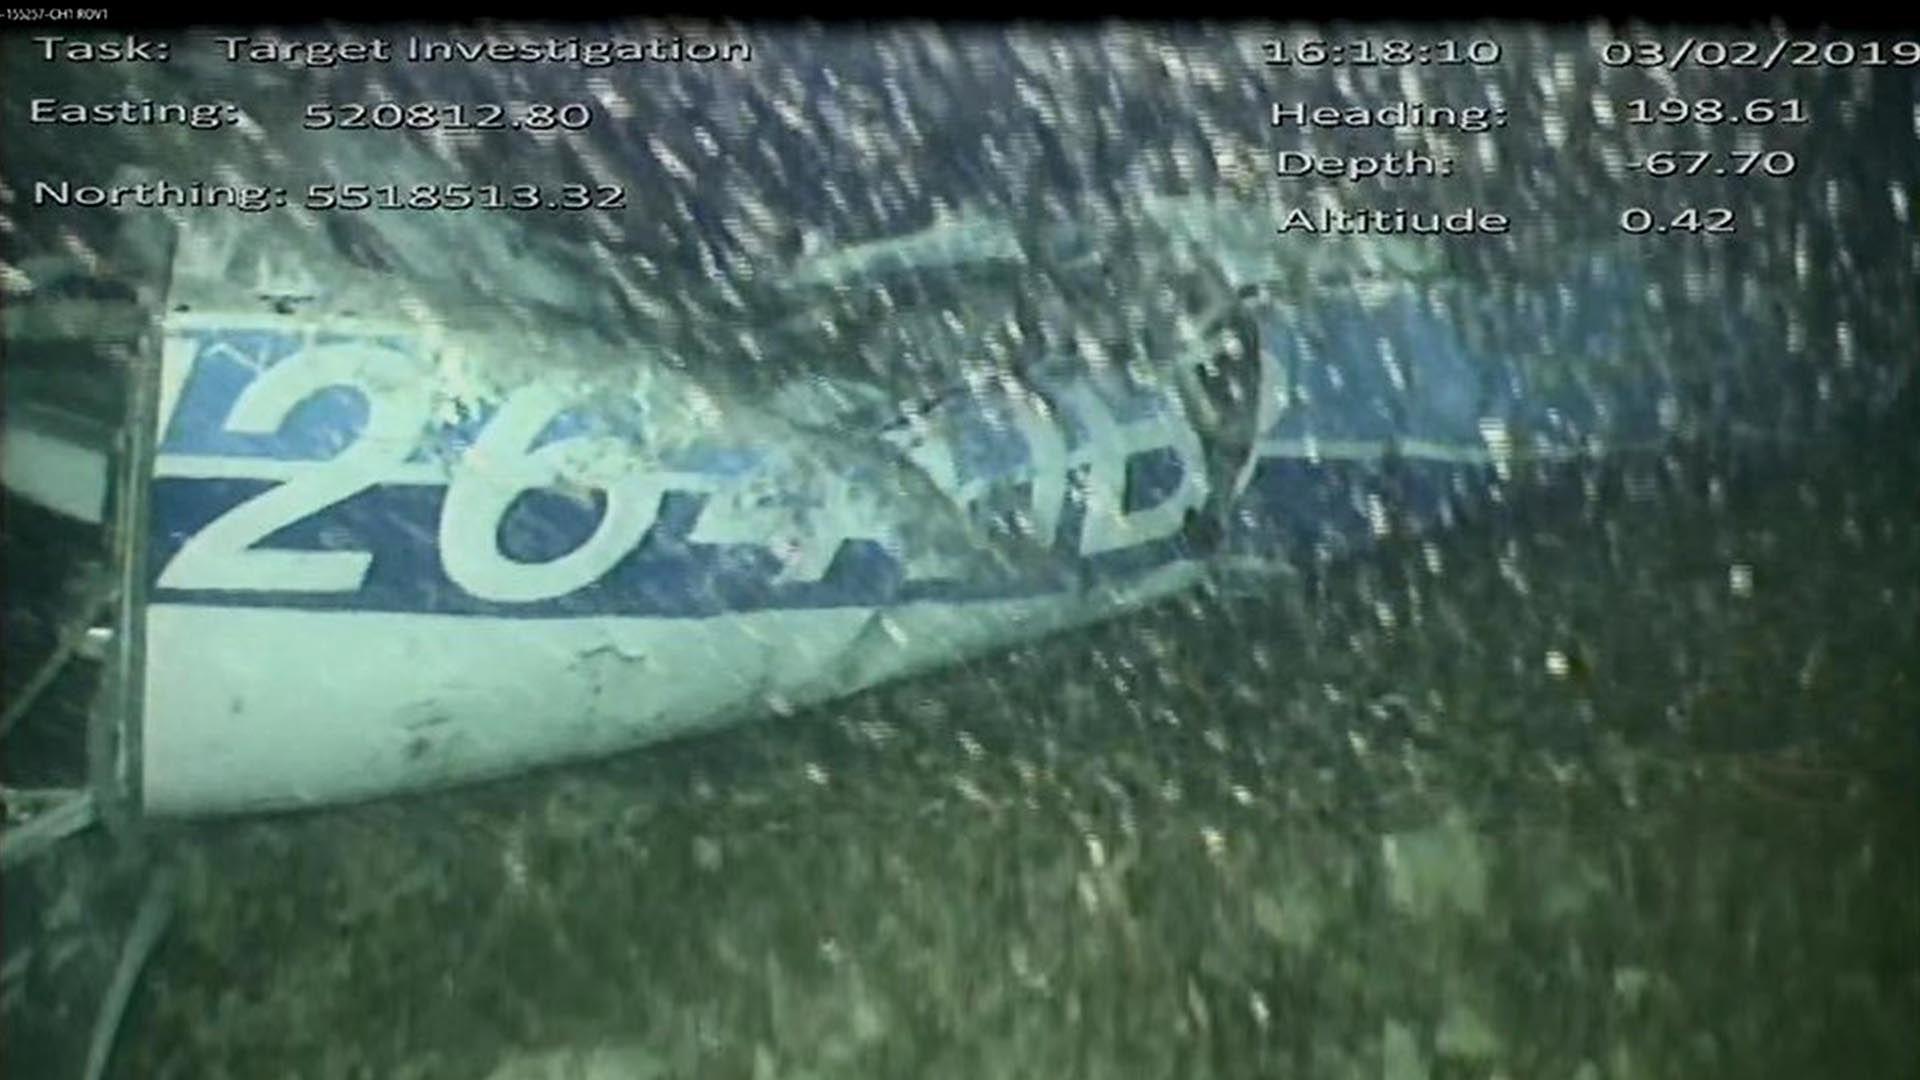 El accidente ocurrió el 21 de enero de este año (Foto: AAIB)